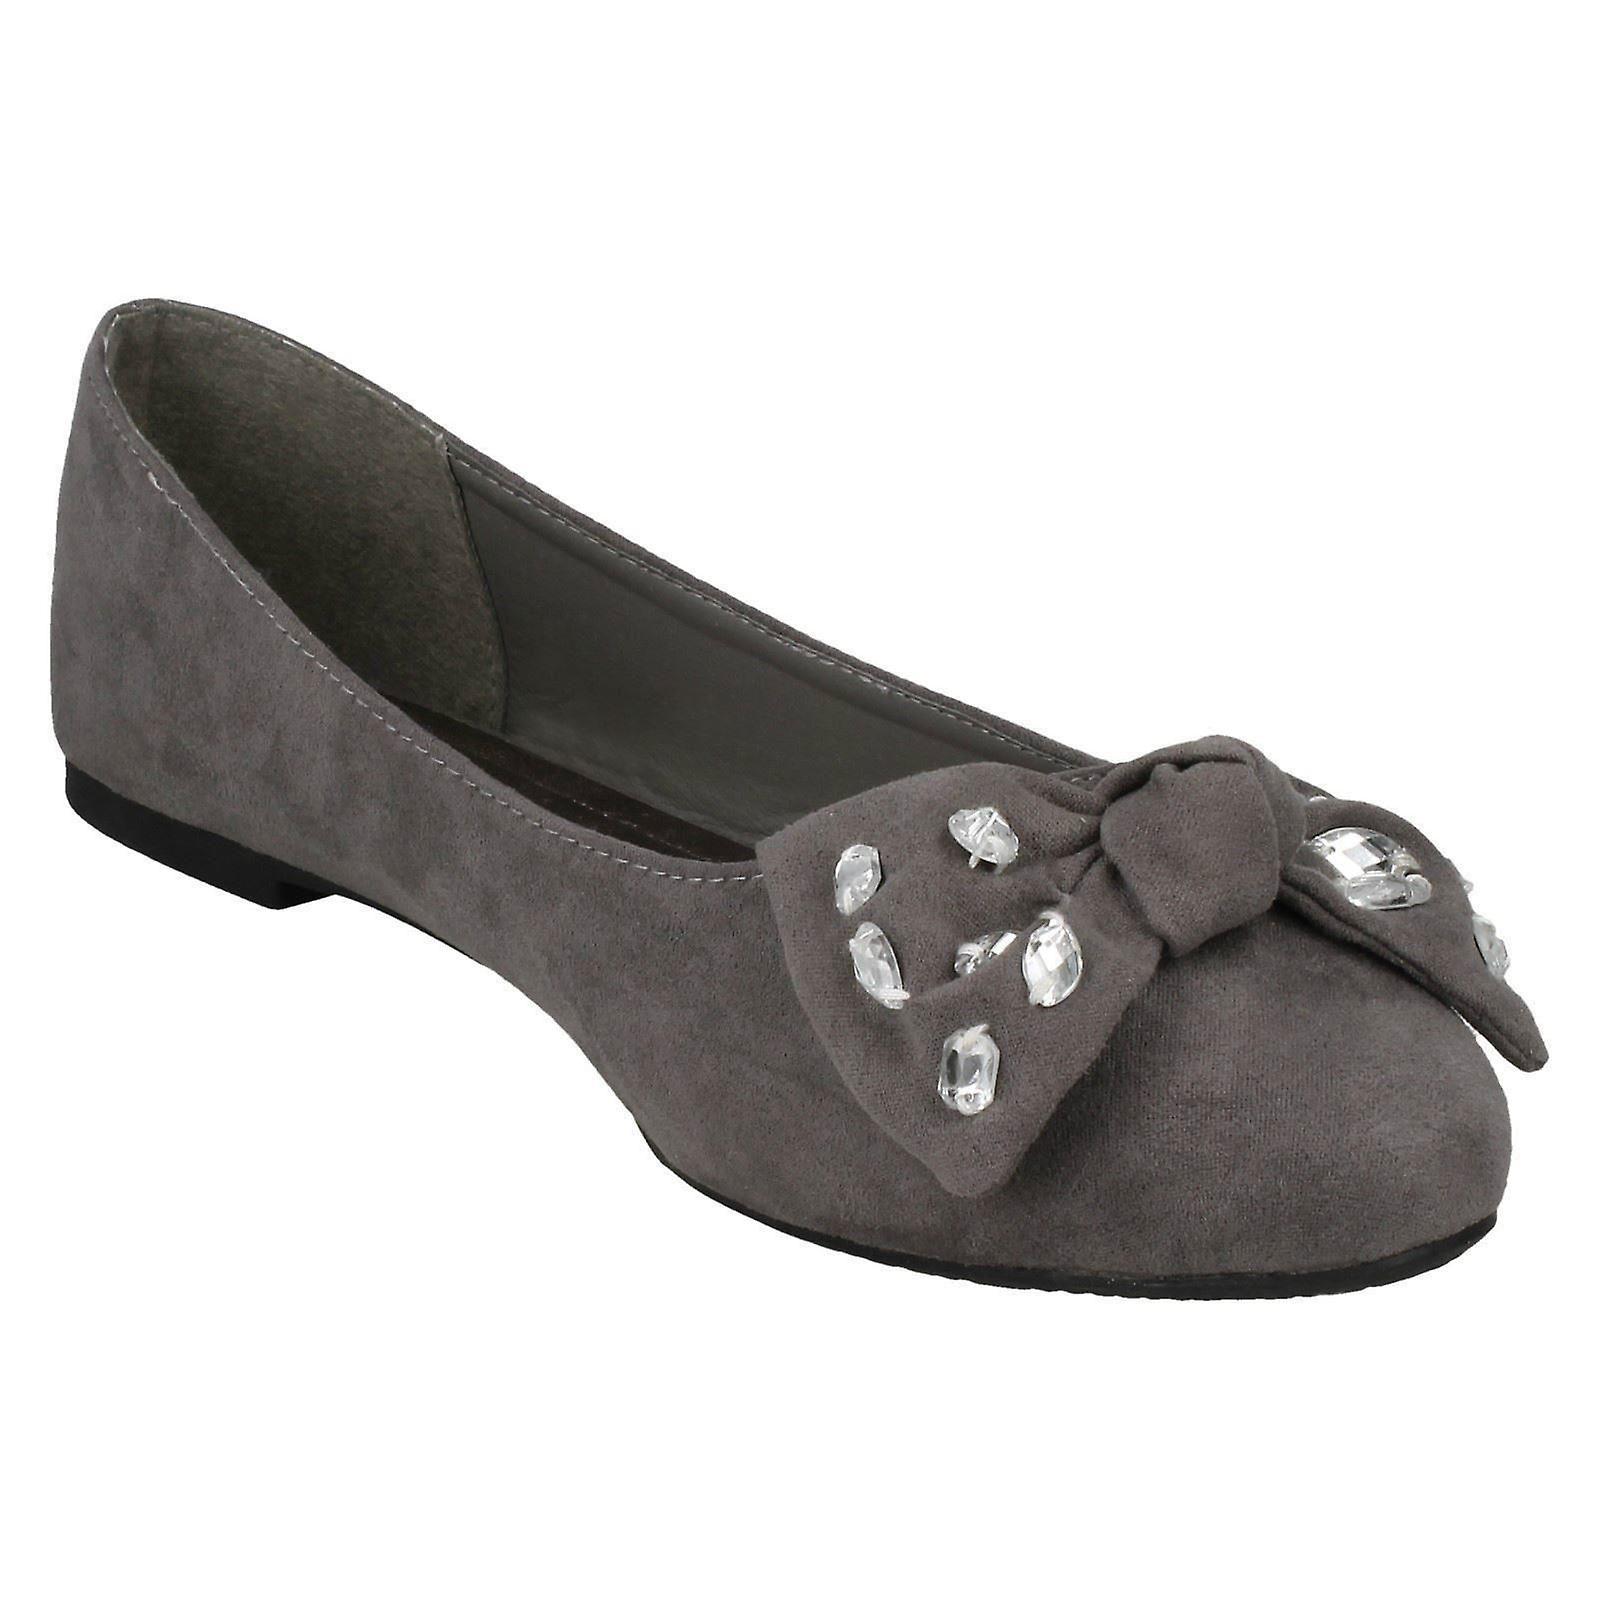 Spot Ballerina Ladies F80386 Shoes Bow On Jewel 7fTdaq